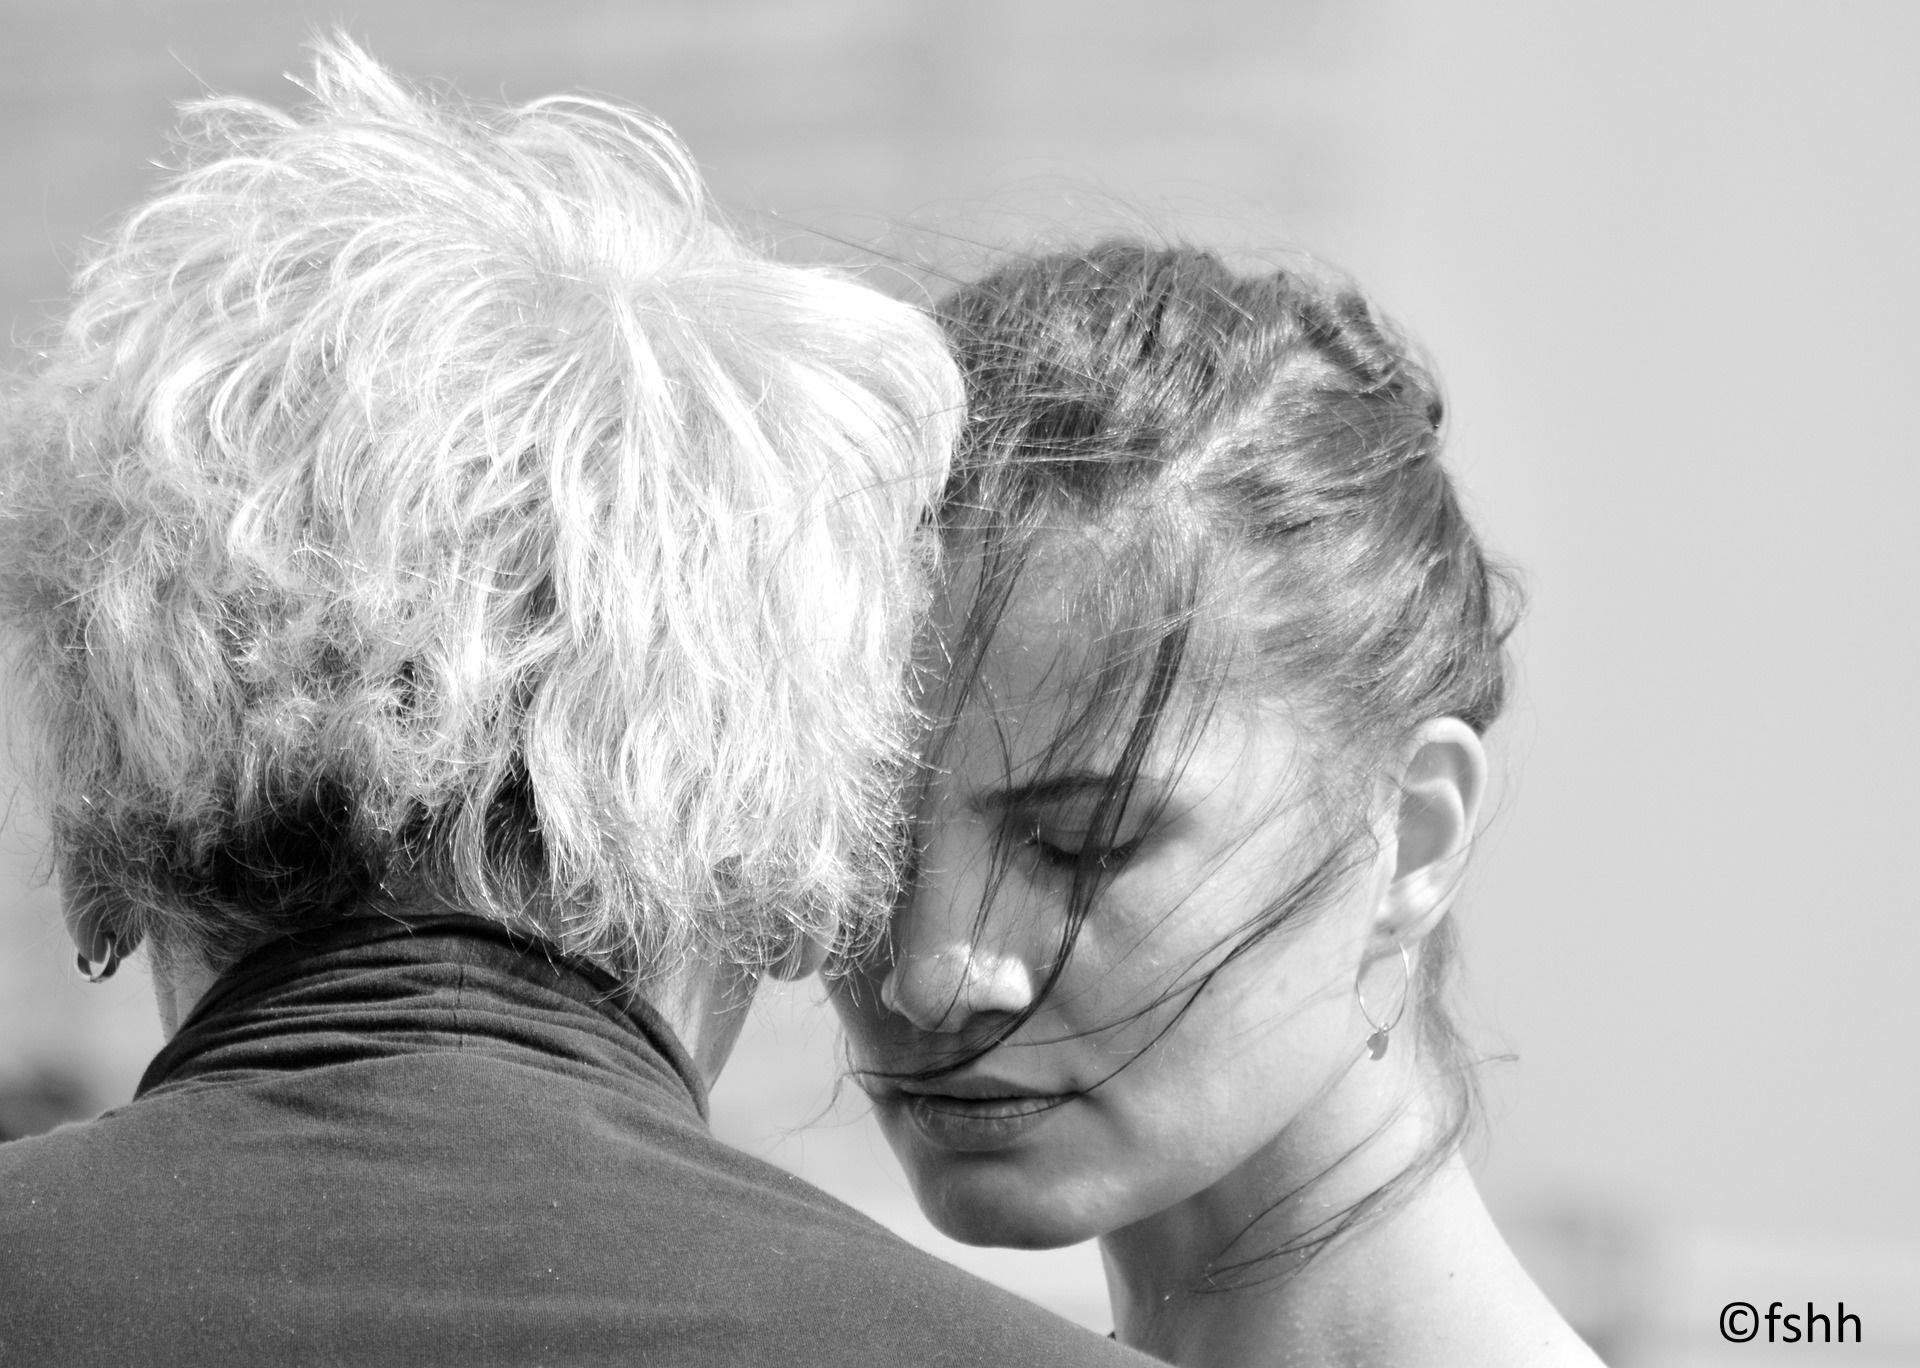 concentration-bienfait-8-danse-laval-studiosdubritais